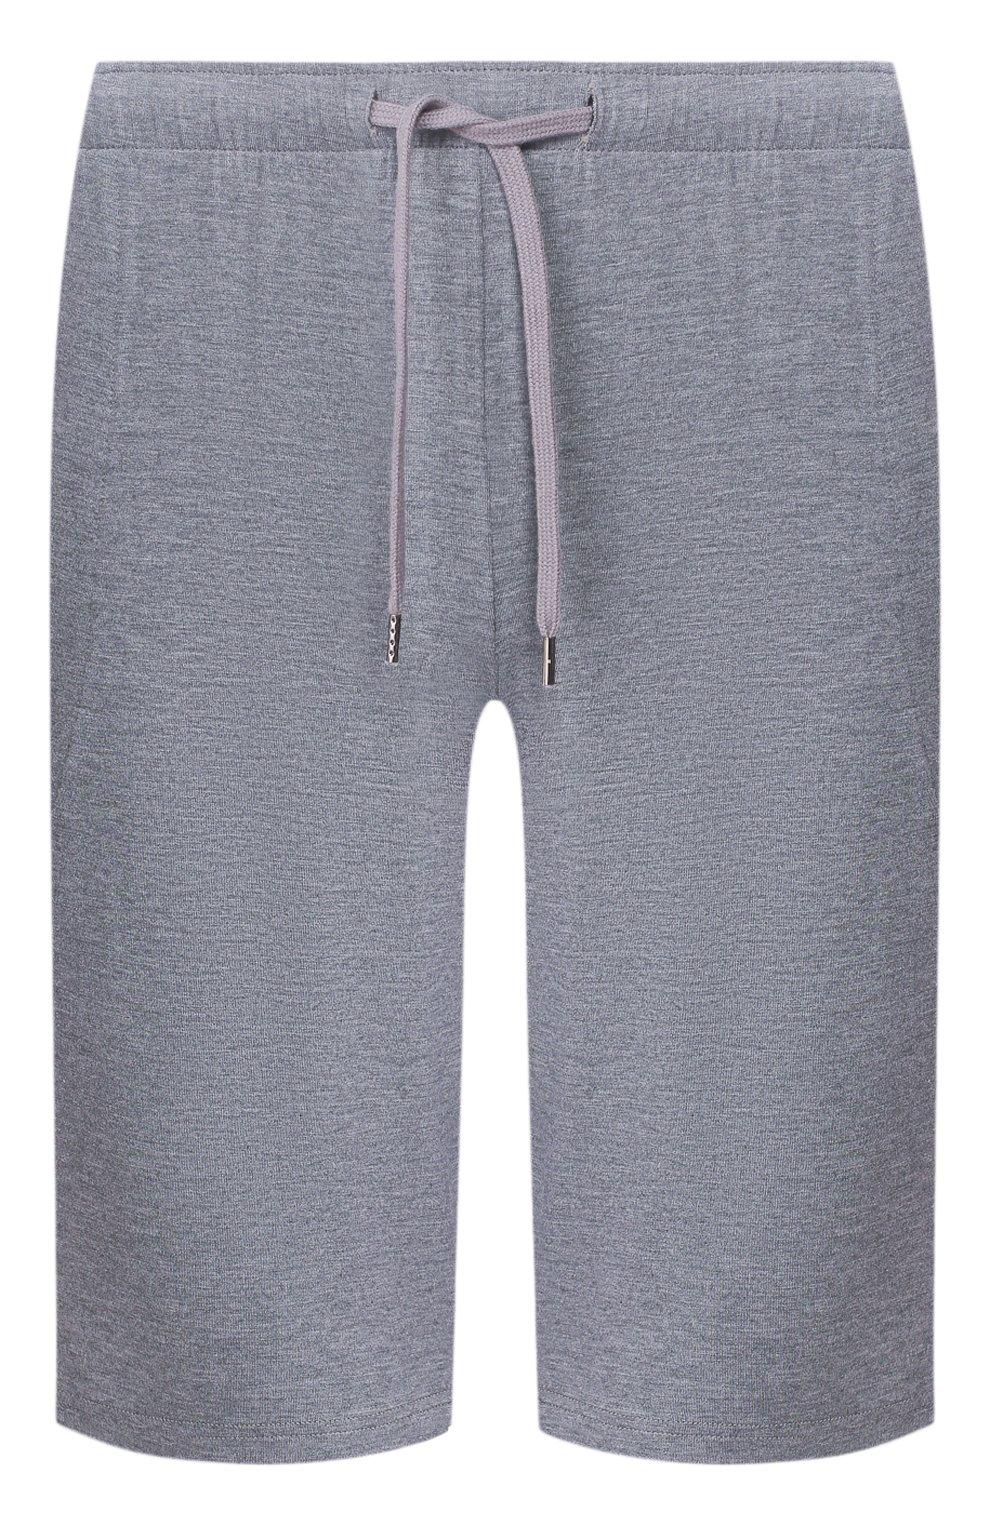 Мужские домашние шорты DEREK ROSE серого цвета, арт. 3559-MARL001 | Фото 1 (Кросс-КТ: домашняя одежда; Материал внешний: Синтетический материал; Статус проверки: Проверена категория)